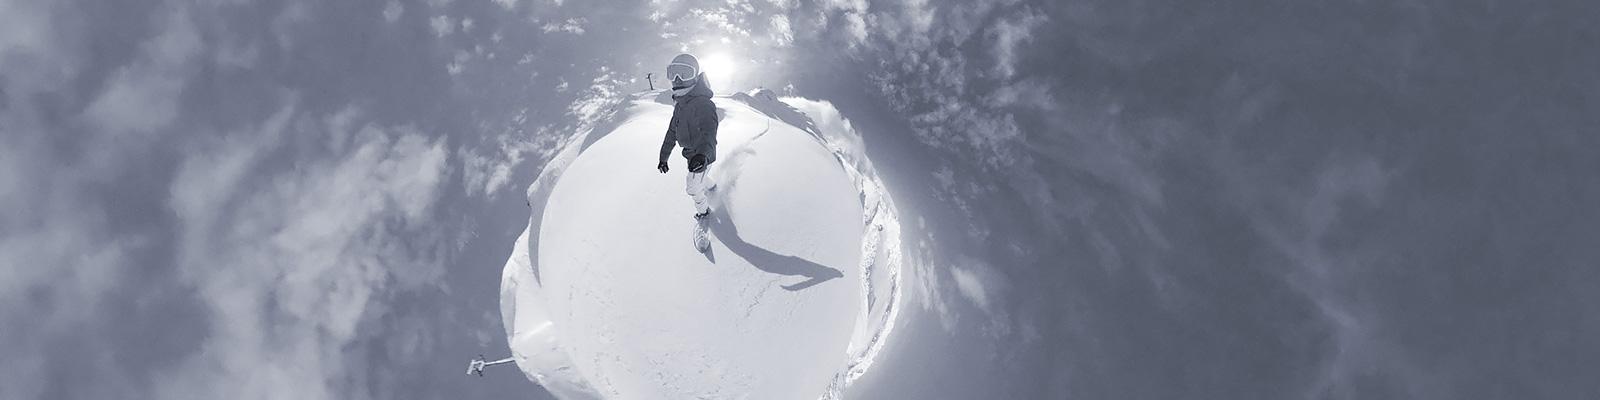 雪 VR イメージ